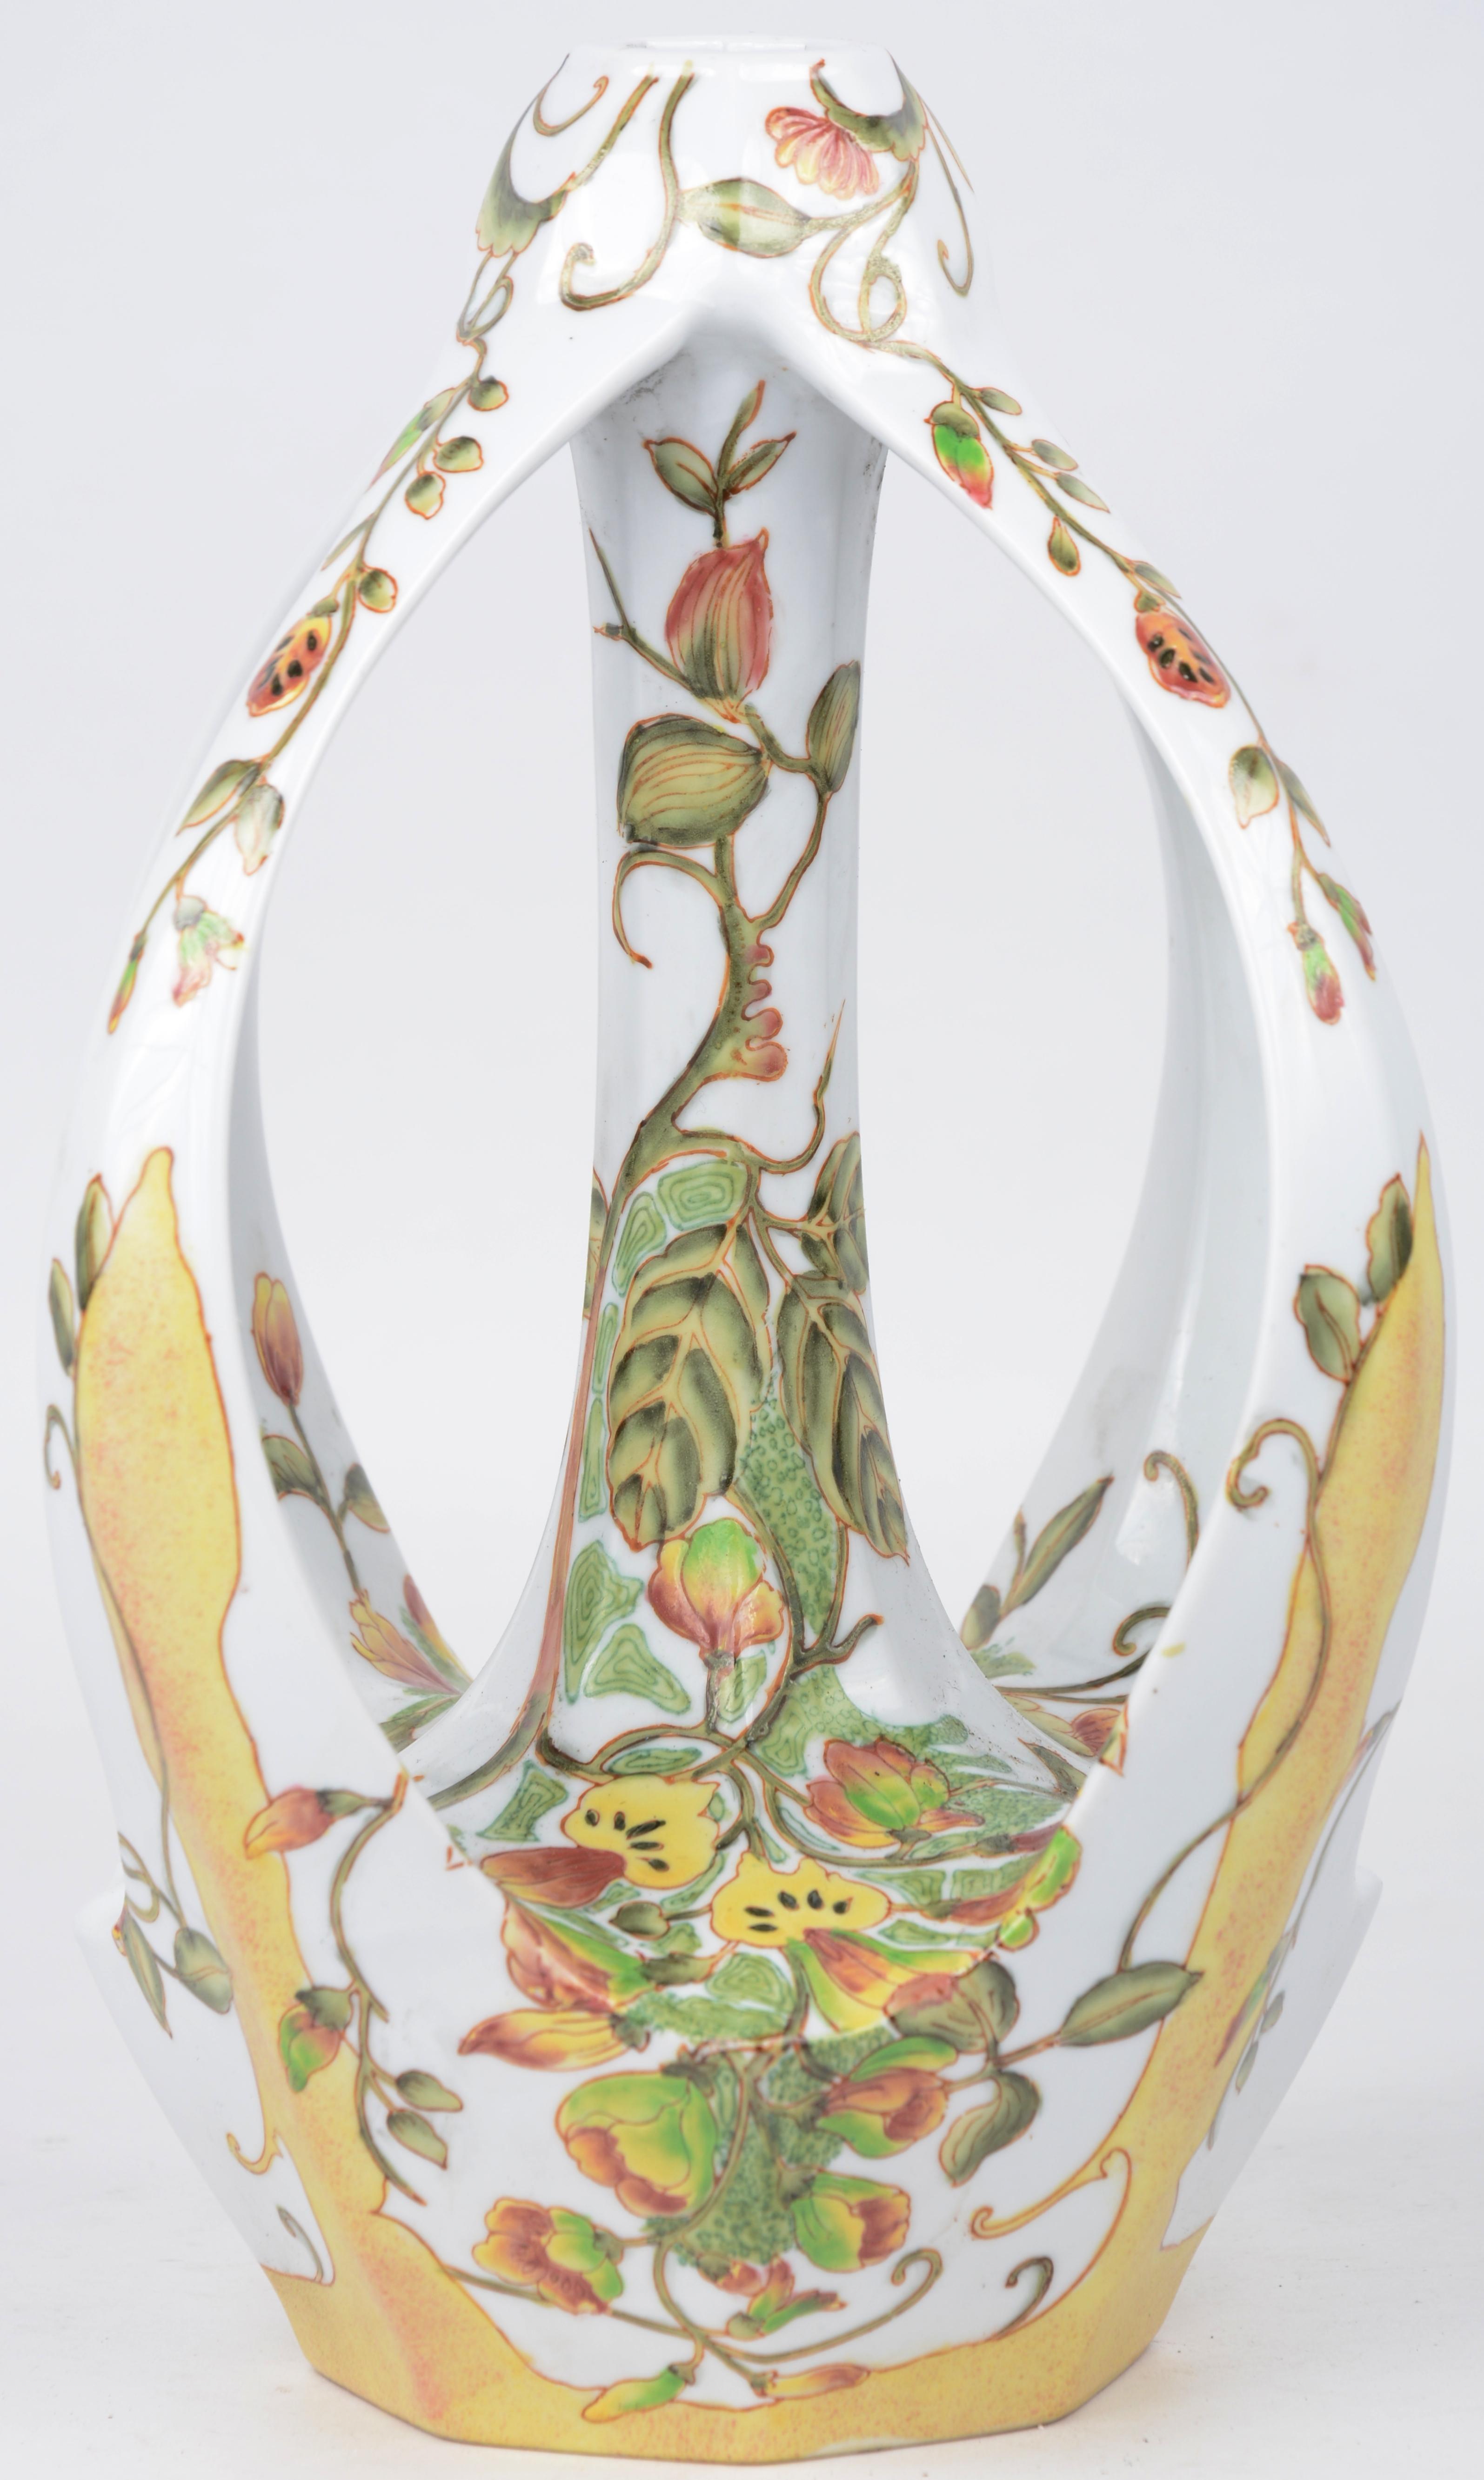 Een vaasje van meerkleurig porselein in art nouveaustijl met een decor van bladeren en bloemen. Naar een model van Colenbrander.